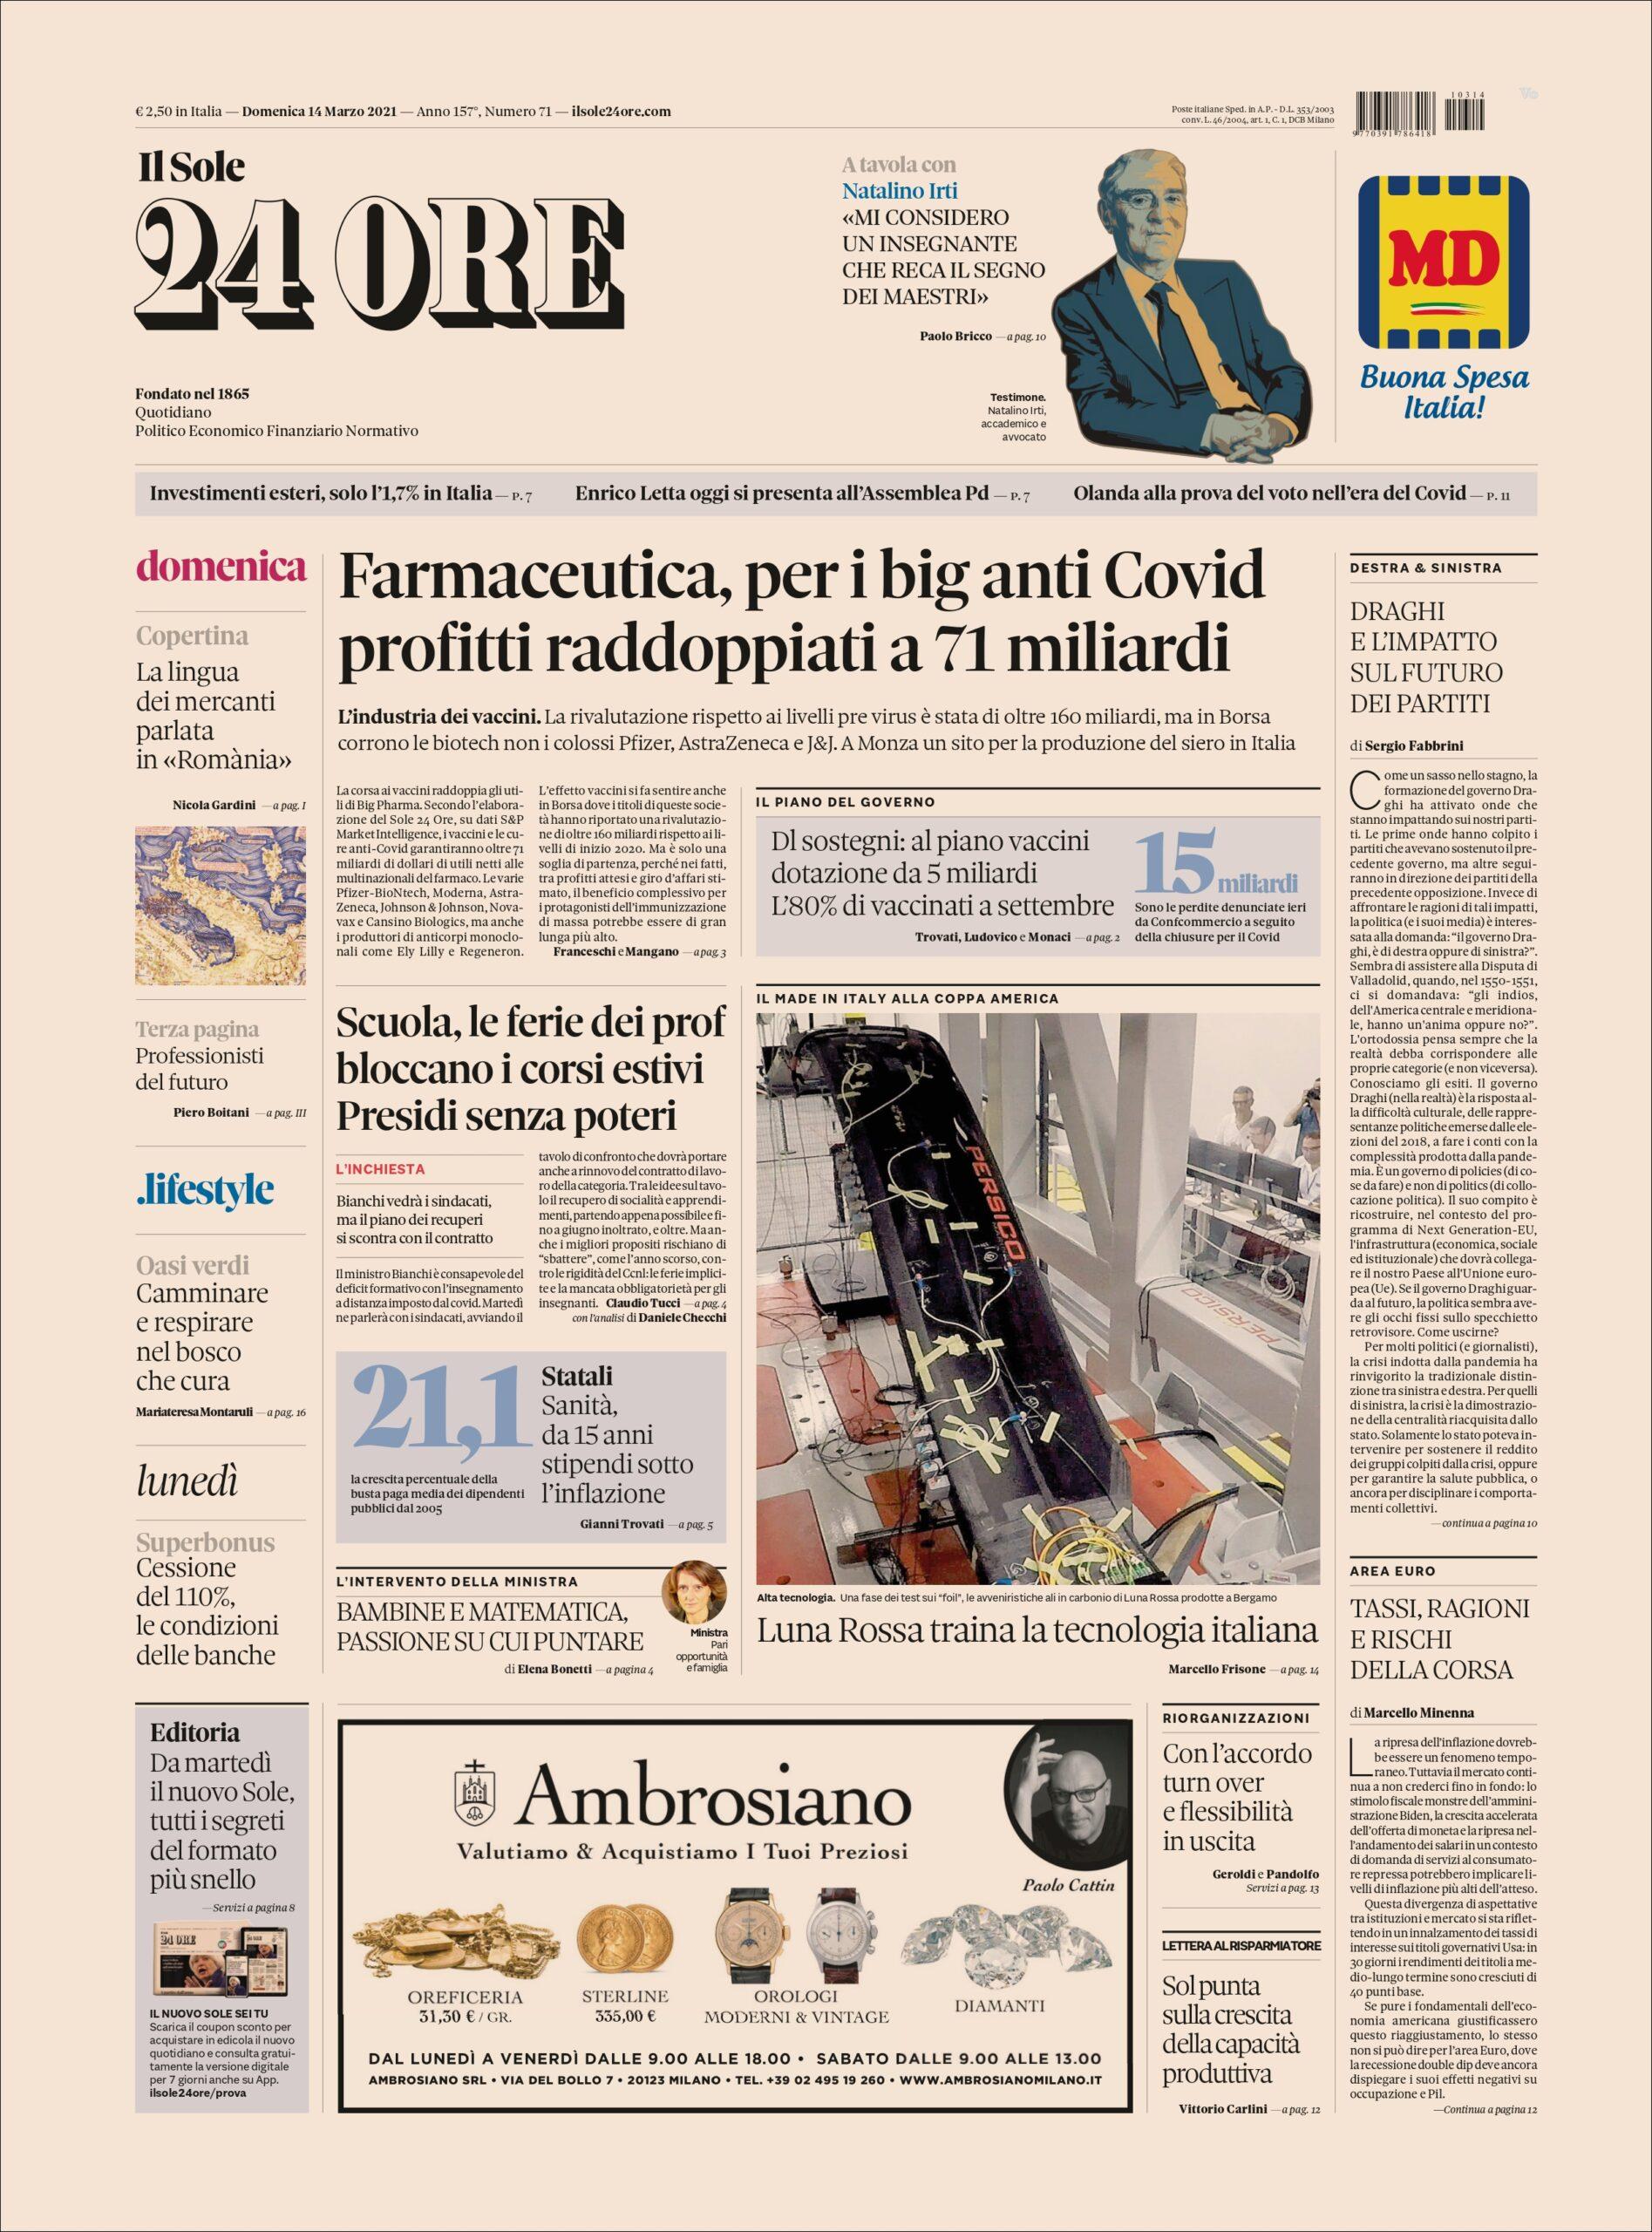 Farmaceutica, per i big anti Covid profitti raddoppiati a 71 miliardi